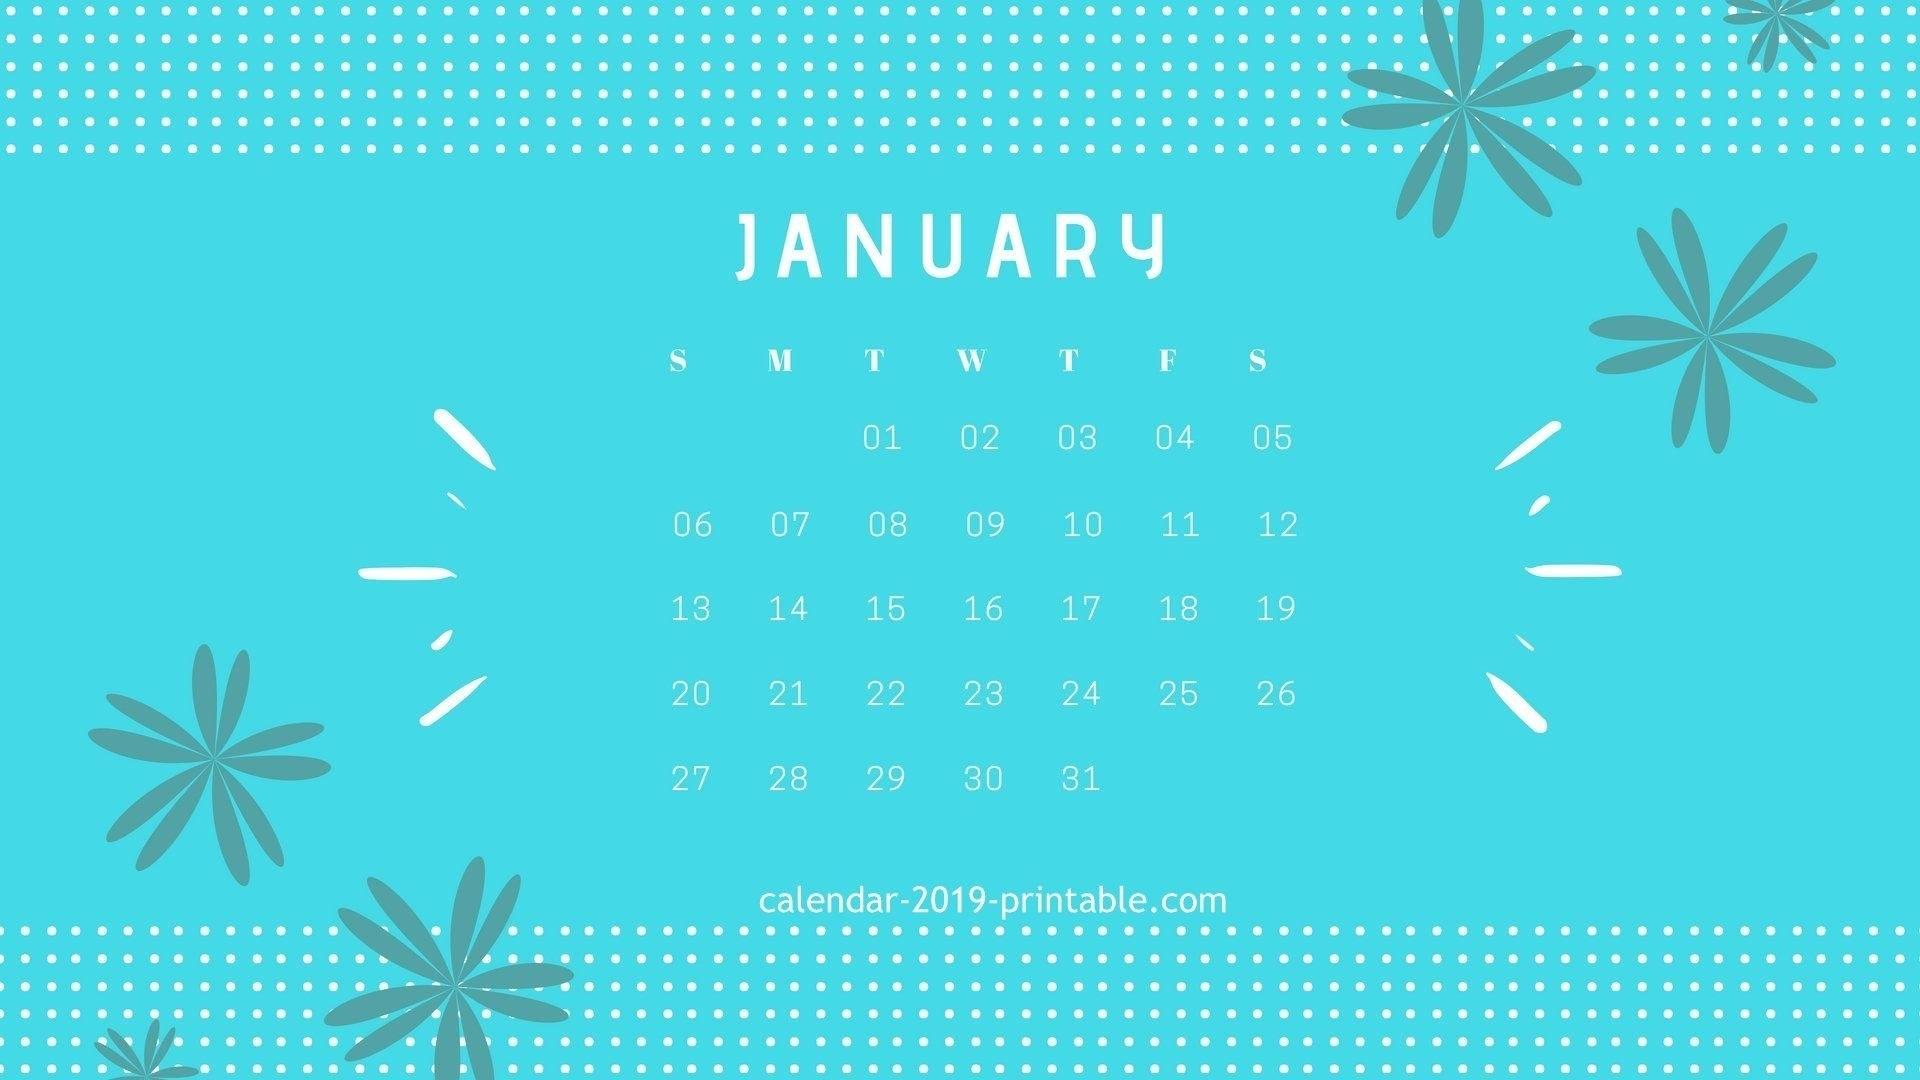 January 2019 Calendar Desktop Wallpapers Calendar 2019 Calendar 2019 Desktop